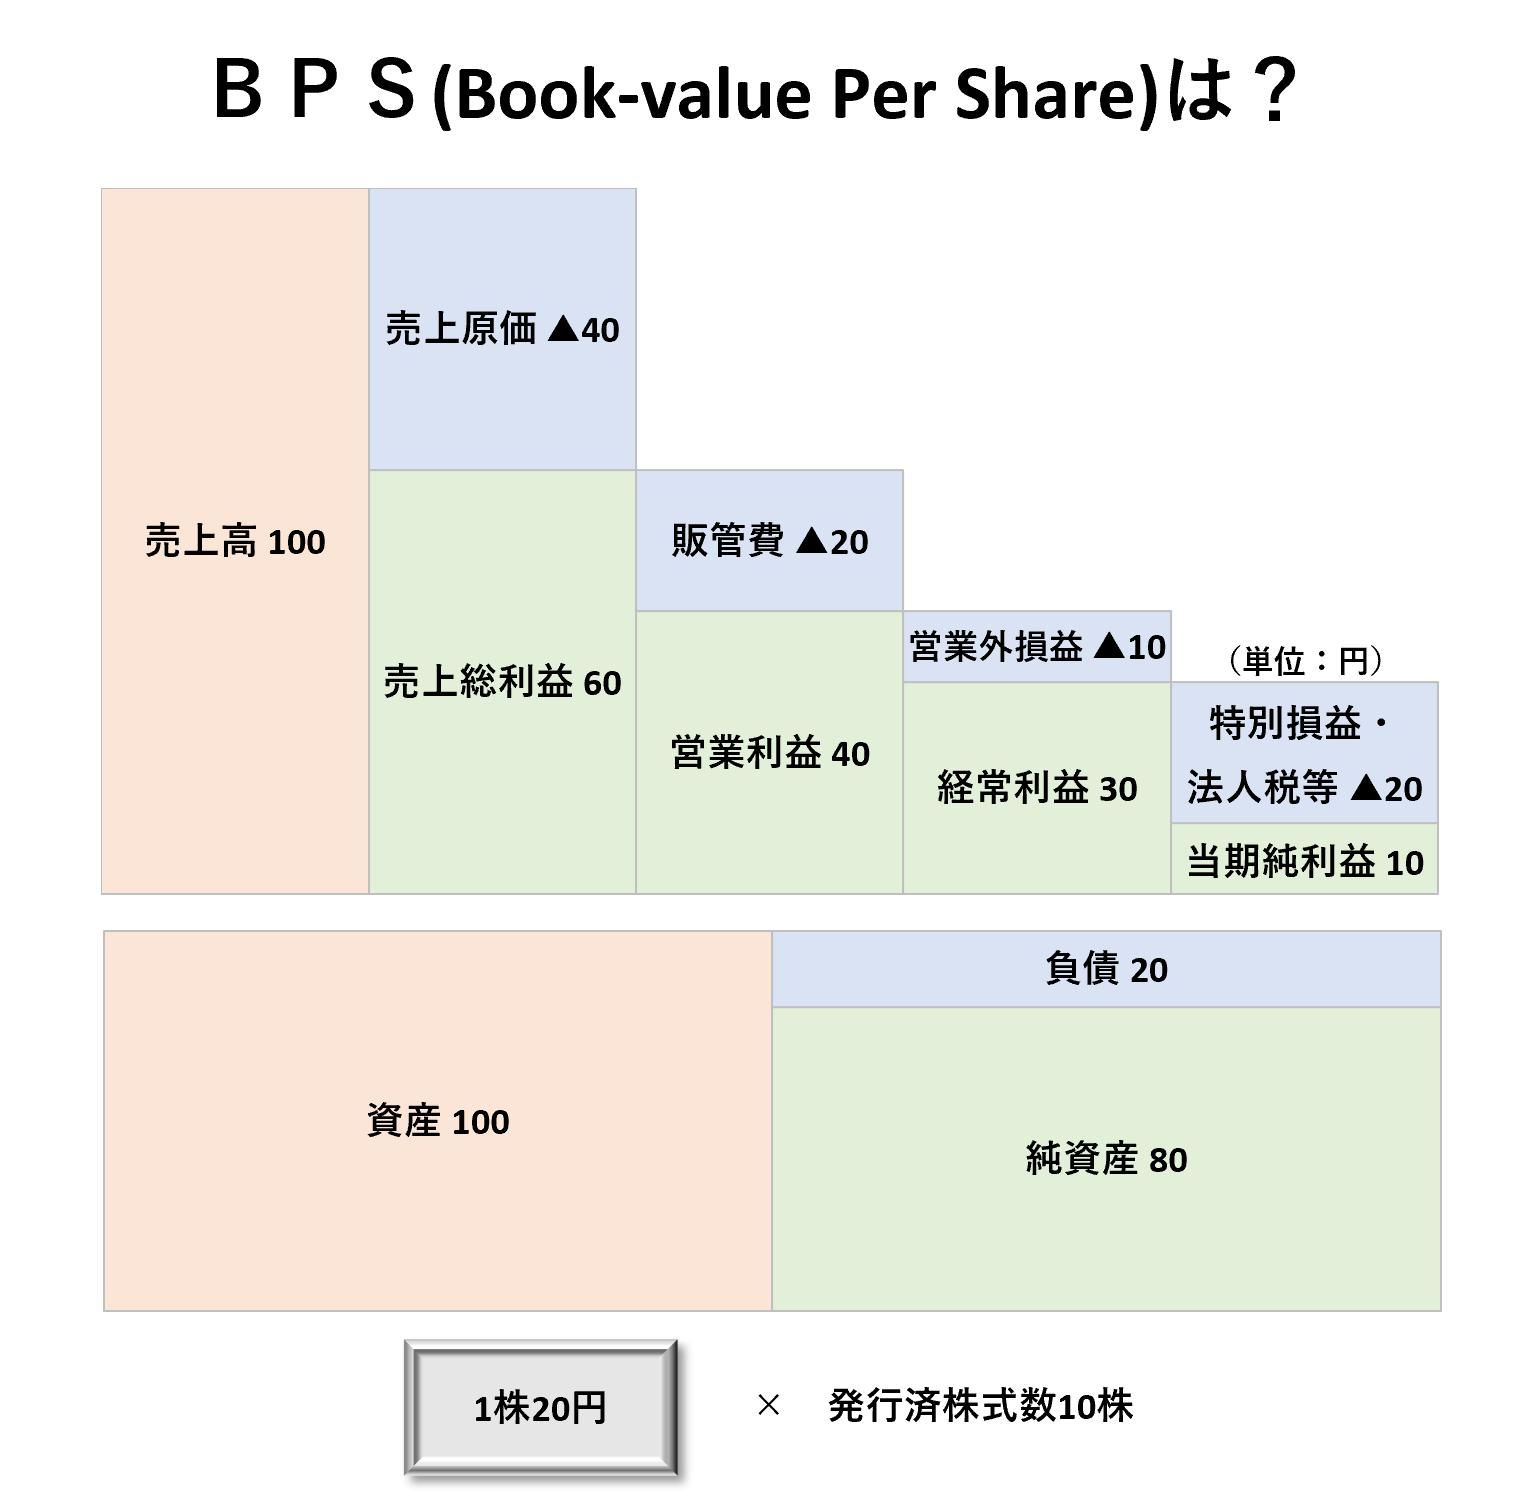 1株当たり分析(2級):BPSー問題